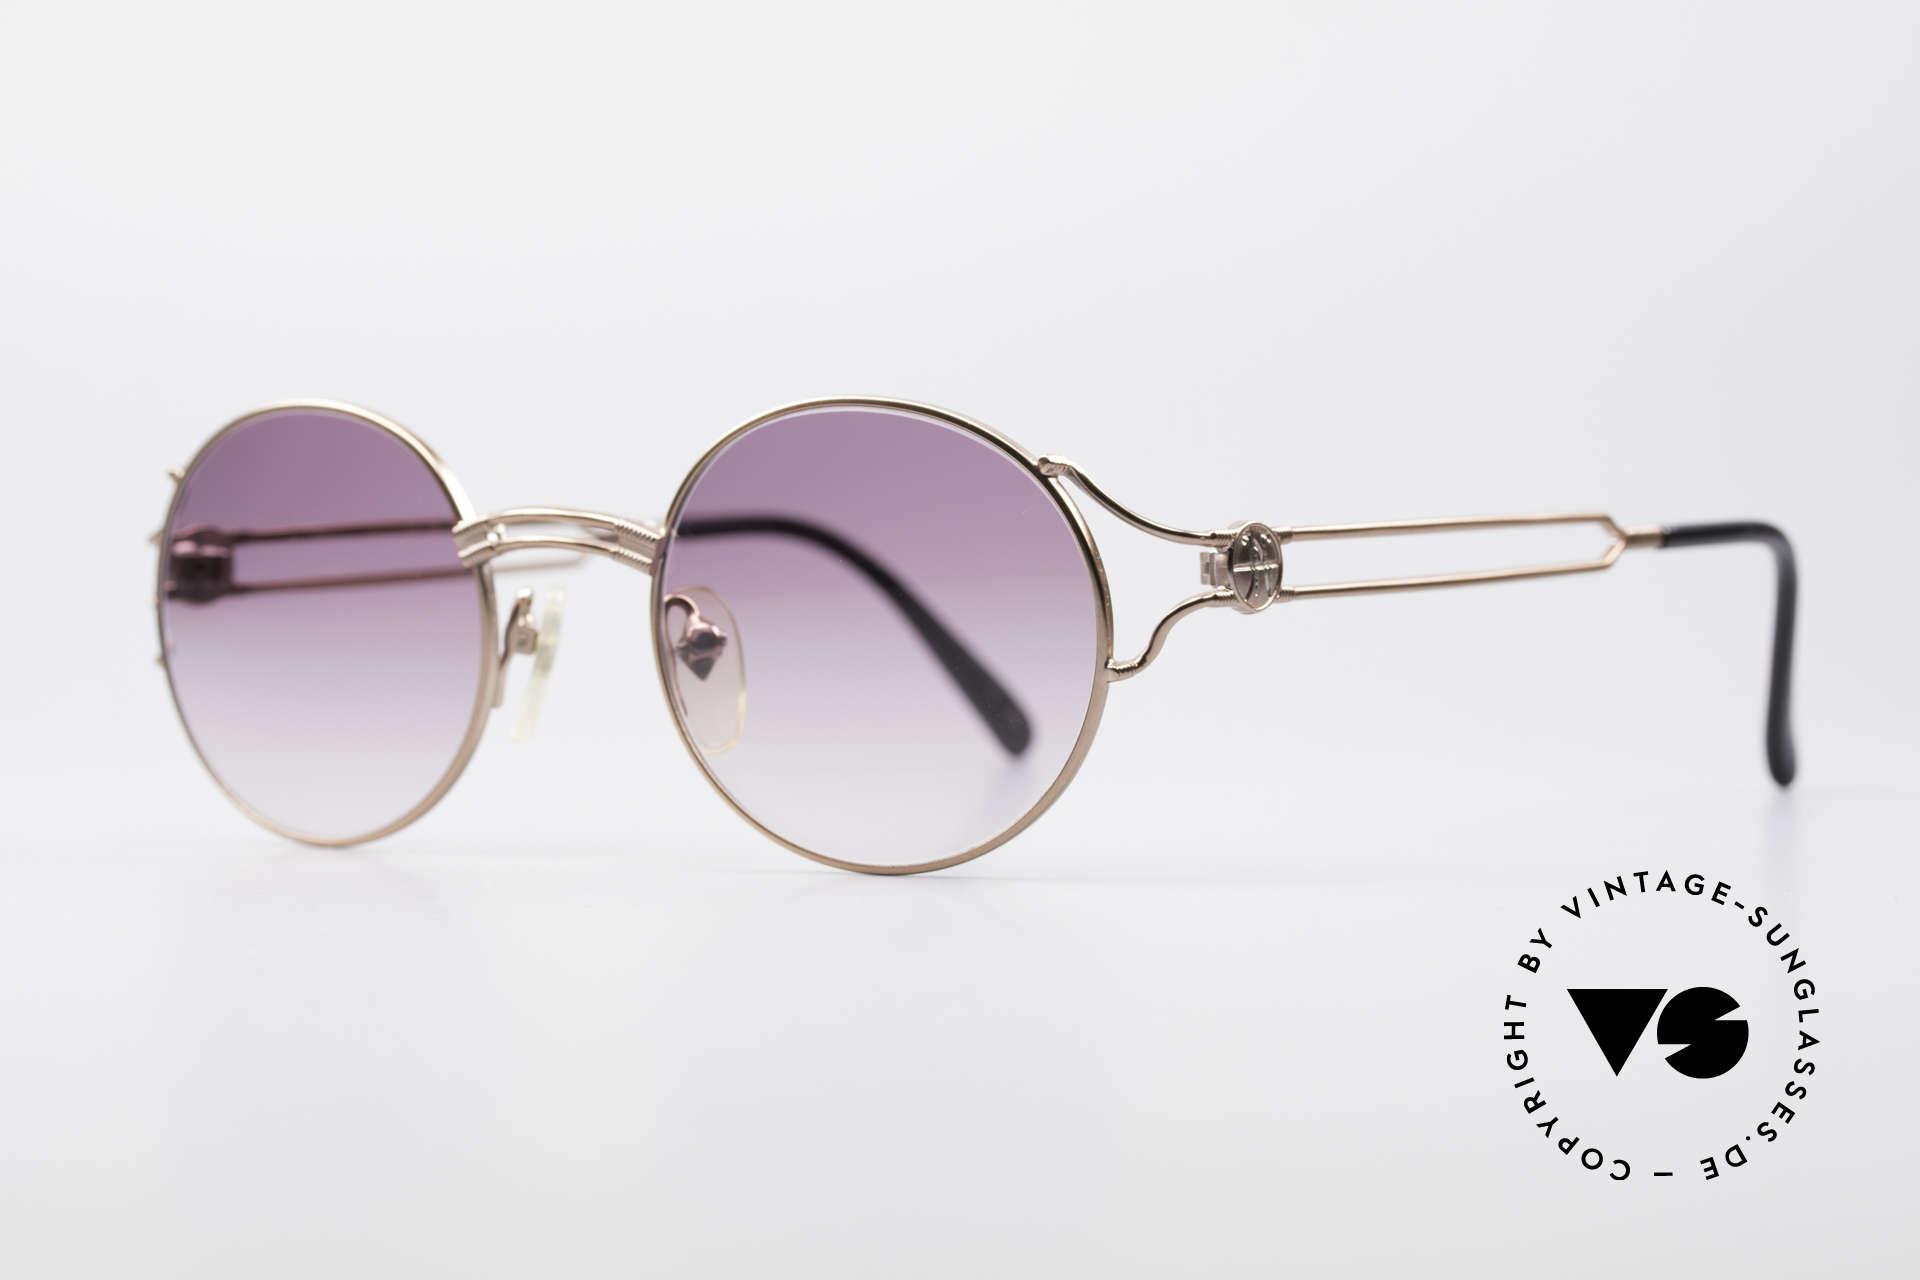 Jean Paul Gaultier 57-6102 Runde Designersonnenbrille, zeitloses Designerstück von herausragender Qualität, Passend für Herren und Damen